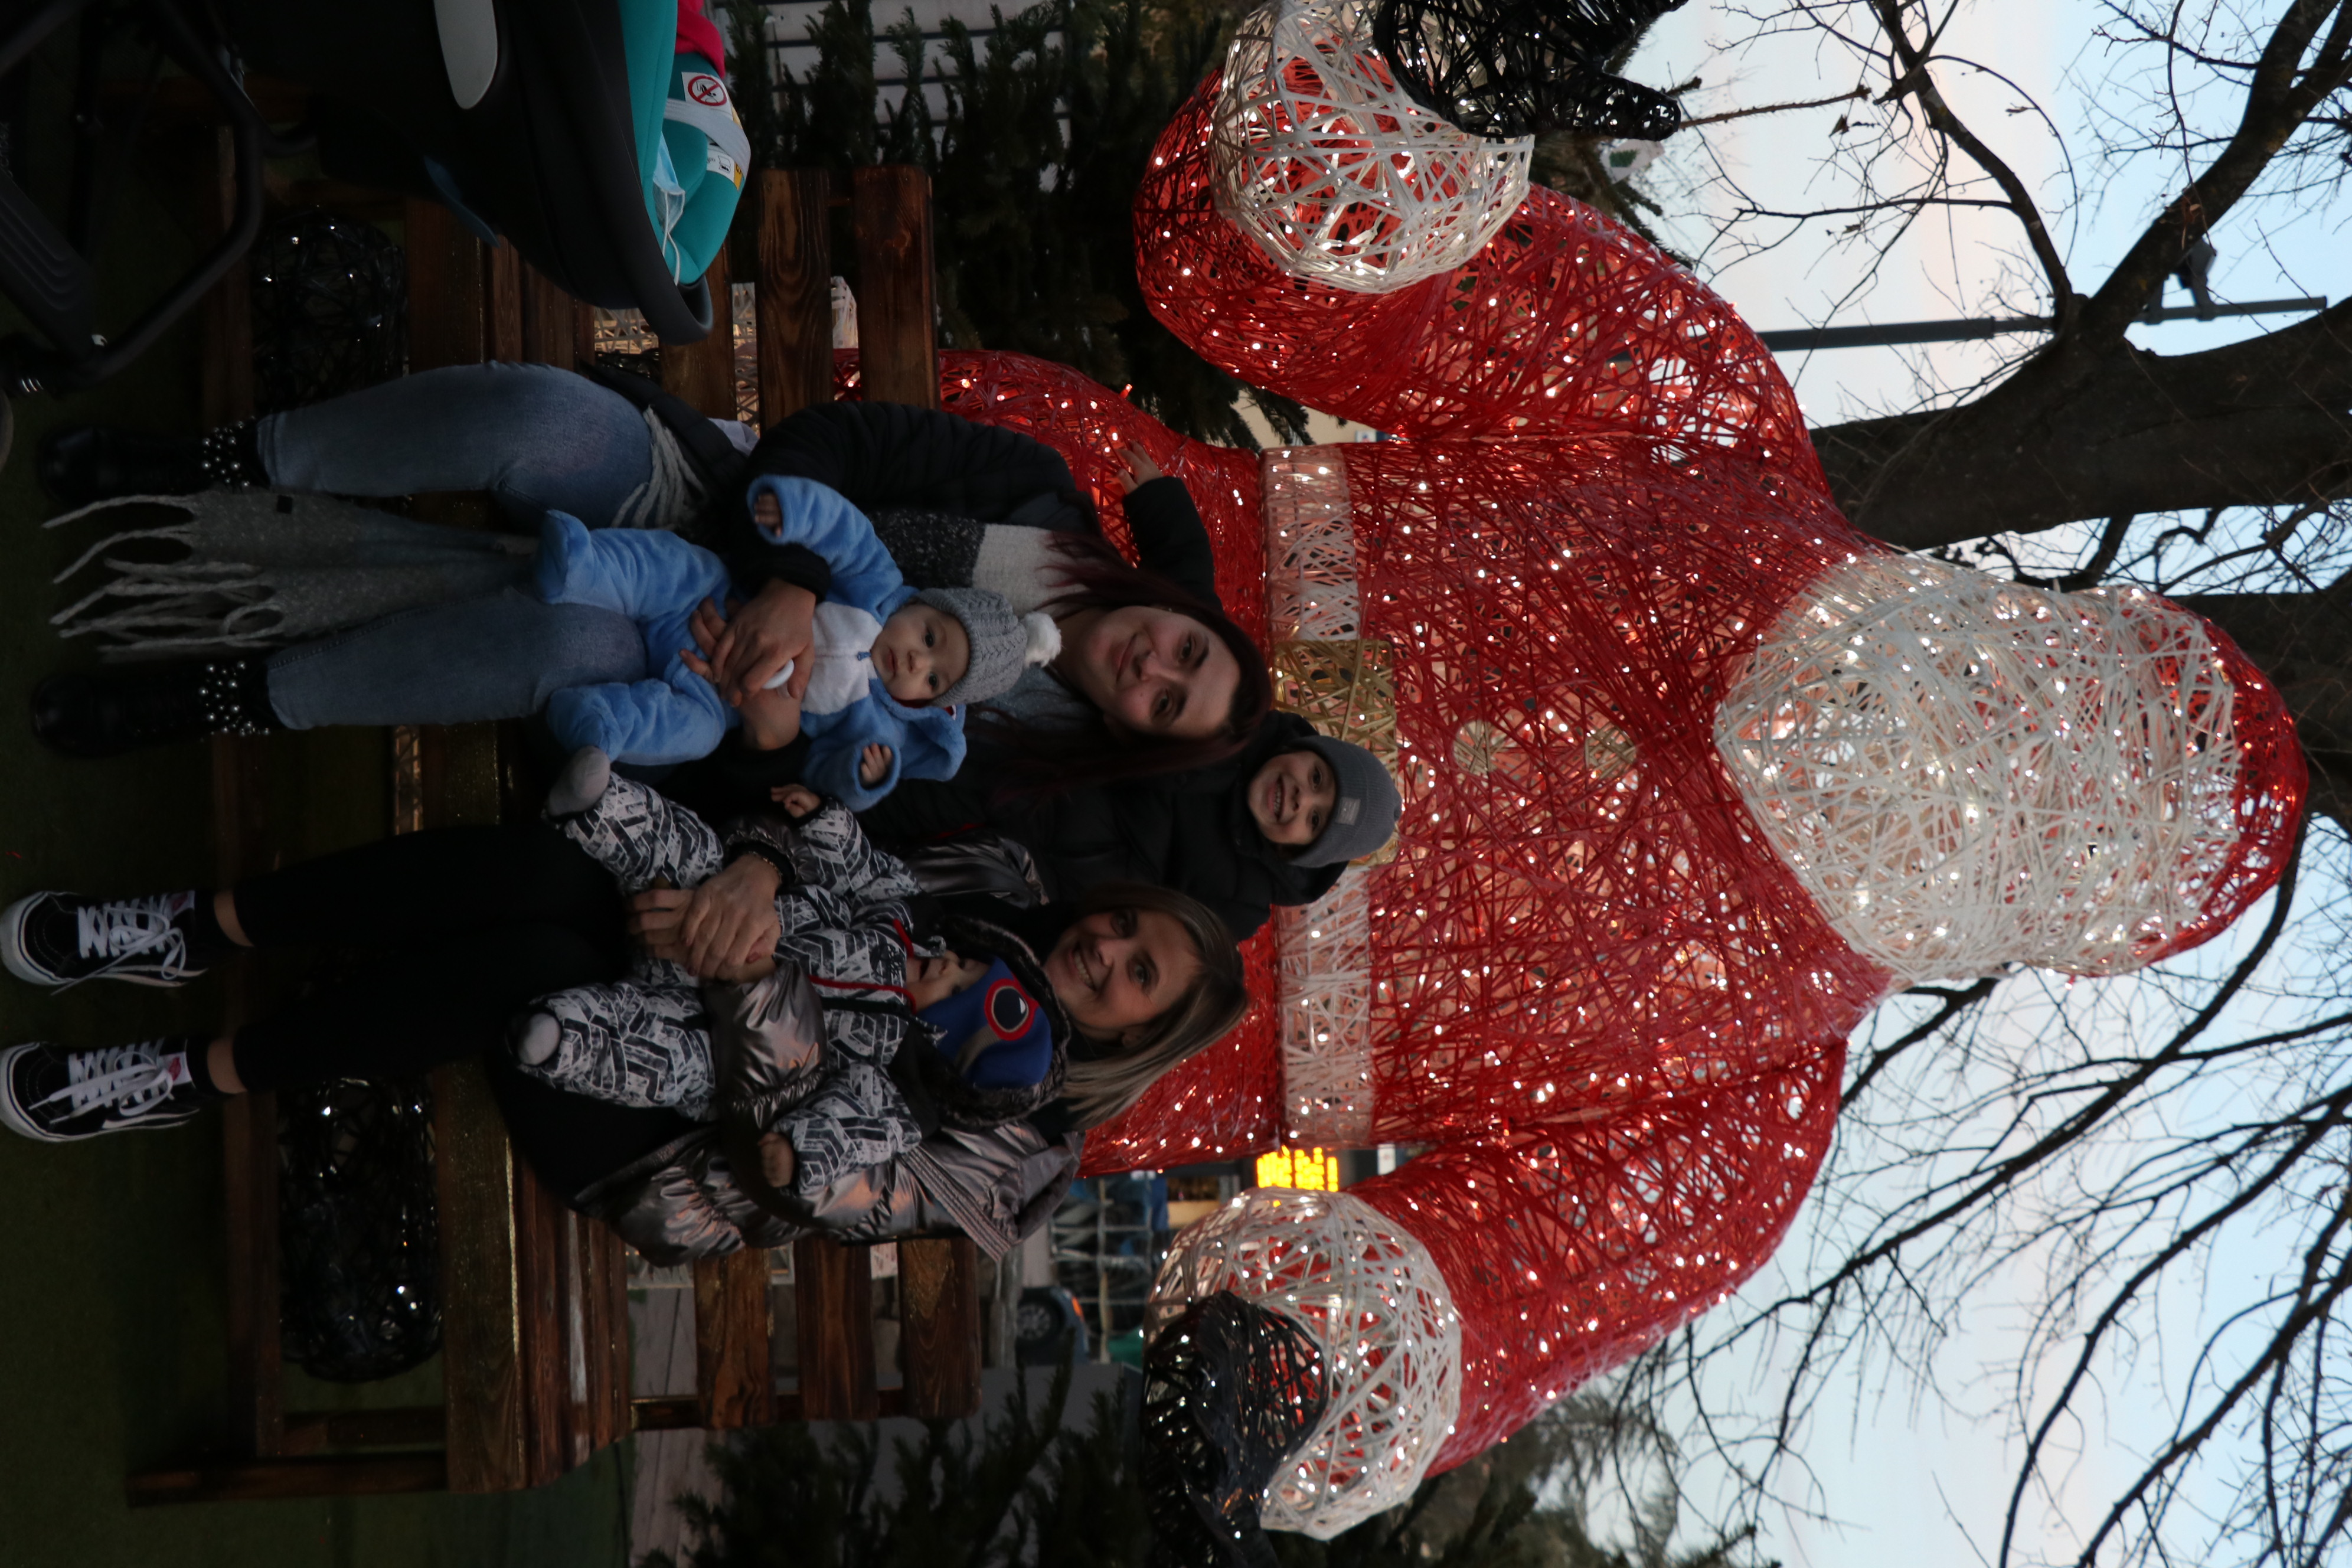 Photo de familles venelloises en train de poser devant le Père Noël géant